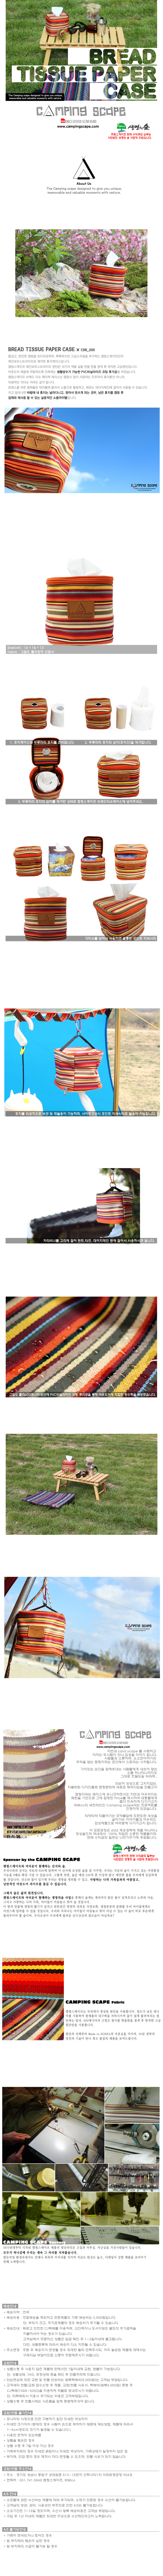 휴지케이스_Camping Scape - 캠핑스케이프, 9,900원, 가방/수납, 수납/카트